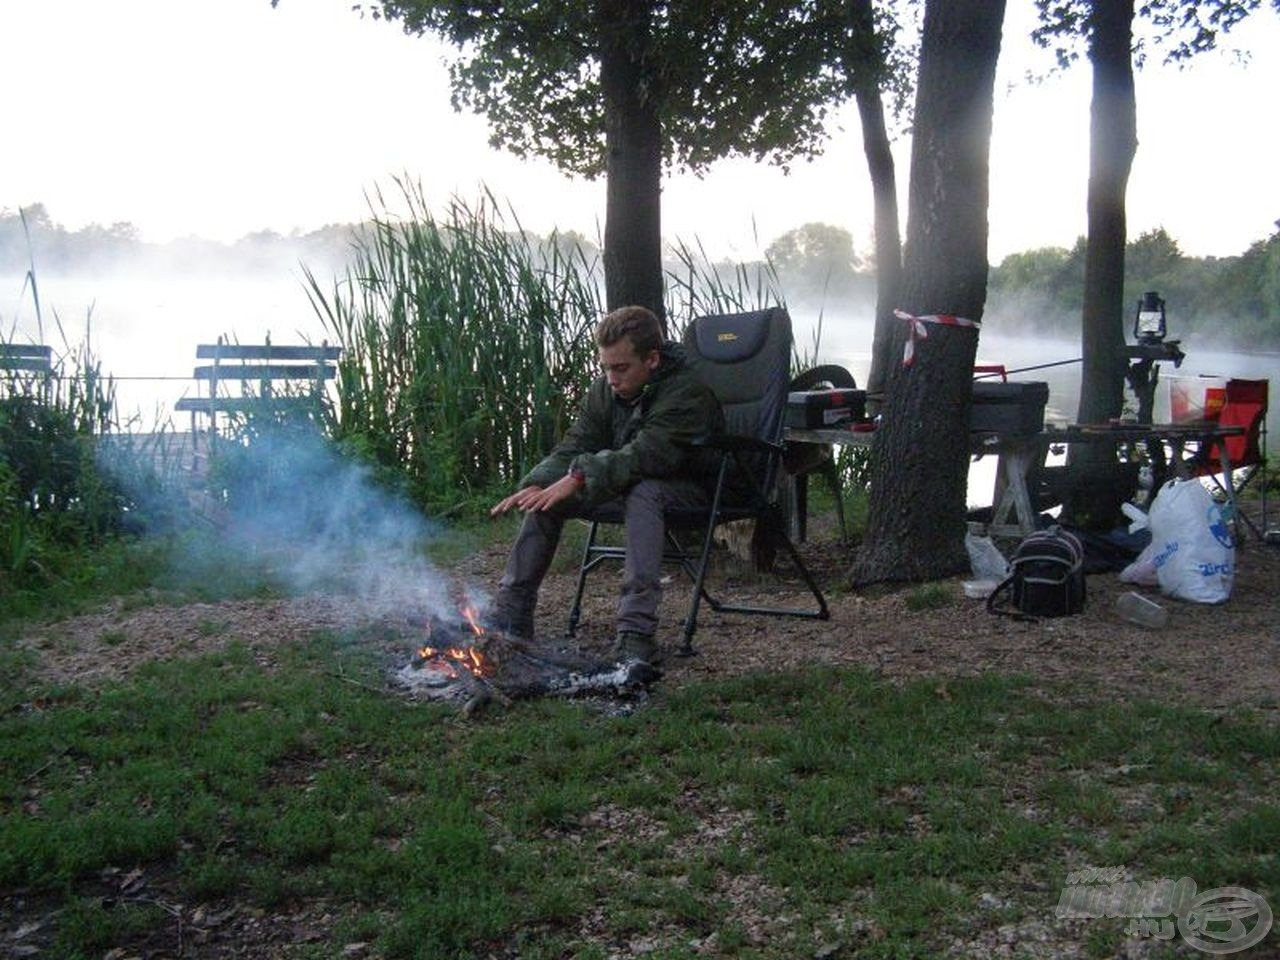 A hajnali csípős hideg miatt tűzet gyújtottunk, hogy valahol legyen lehetőség melegedni